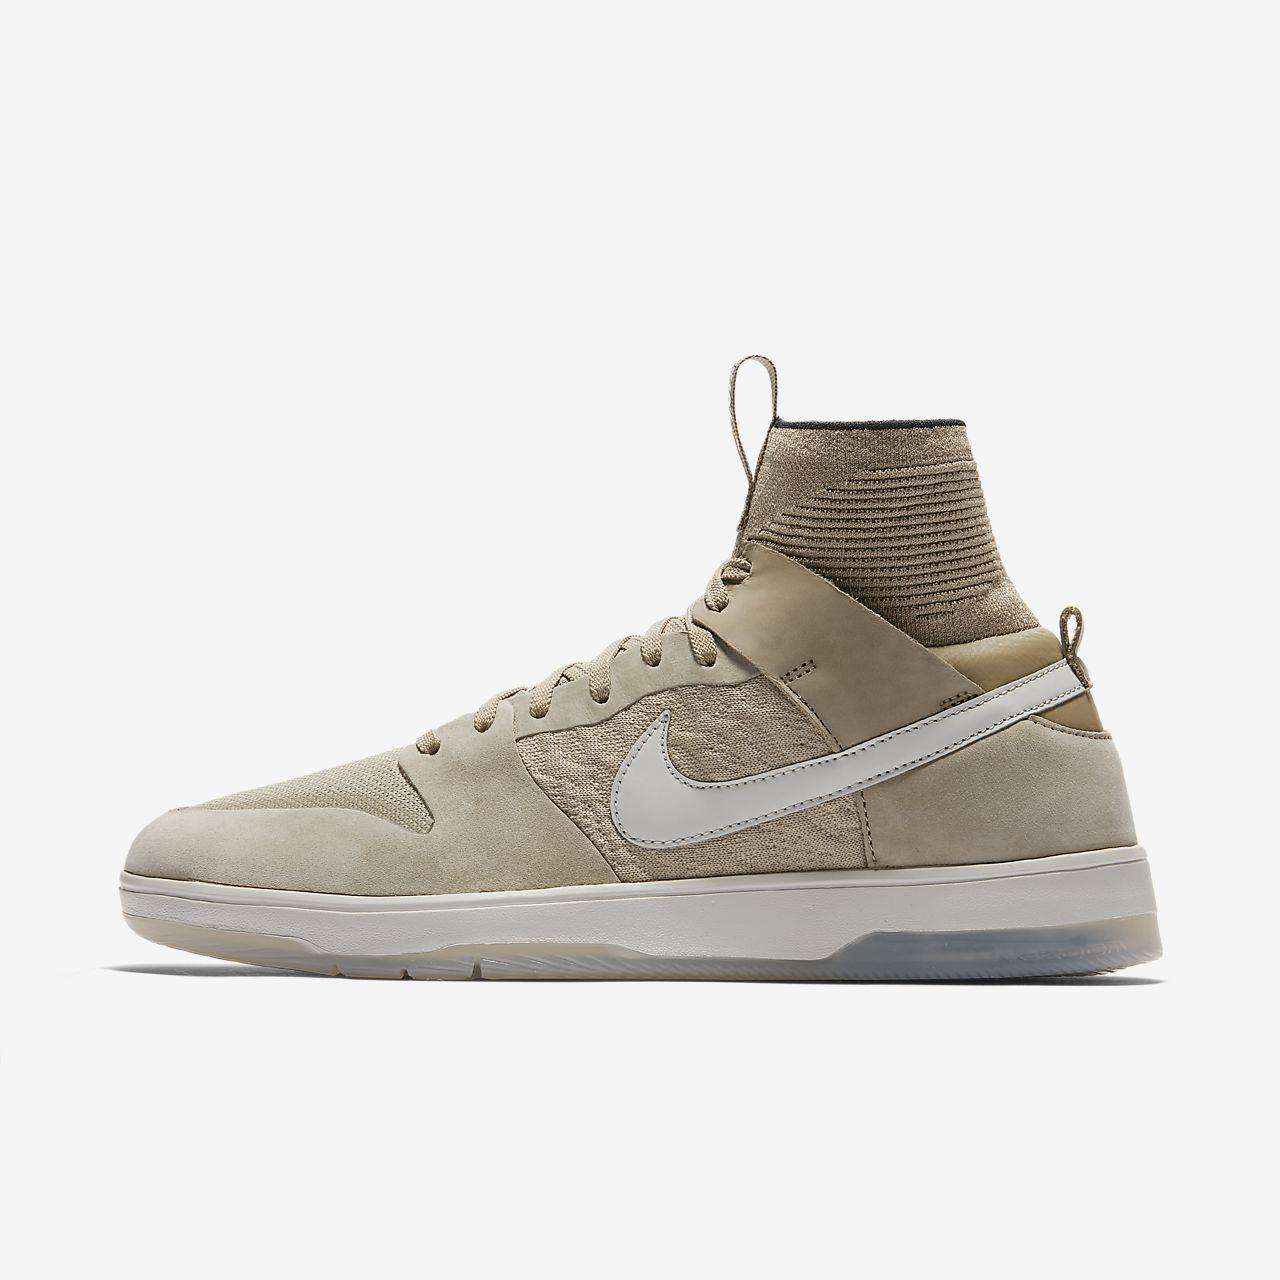 descuento para barato Nike Sb Dunk Élite Para Hombre De Skate Zapato perfecta salida compra de descuento KrDh1QTBWM